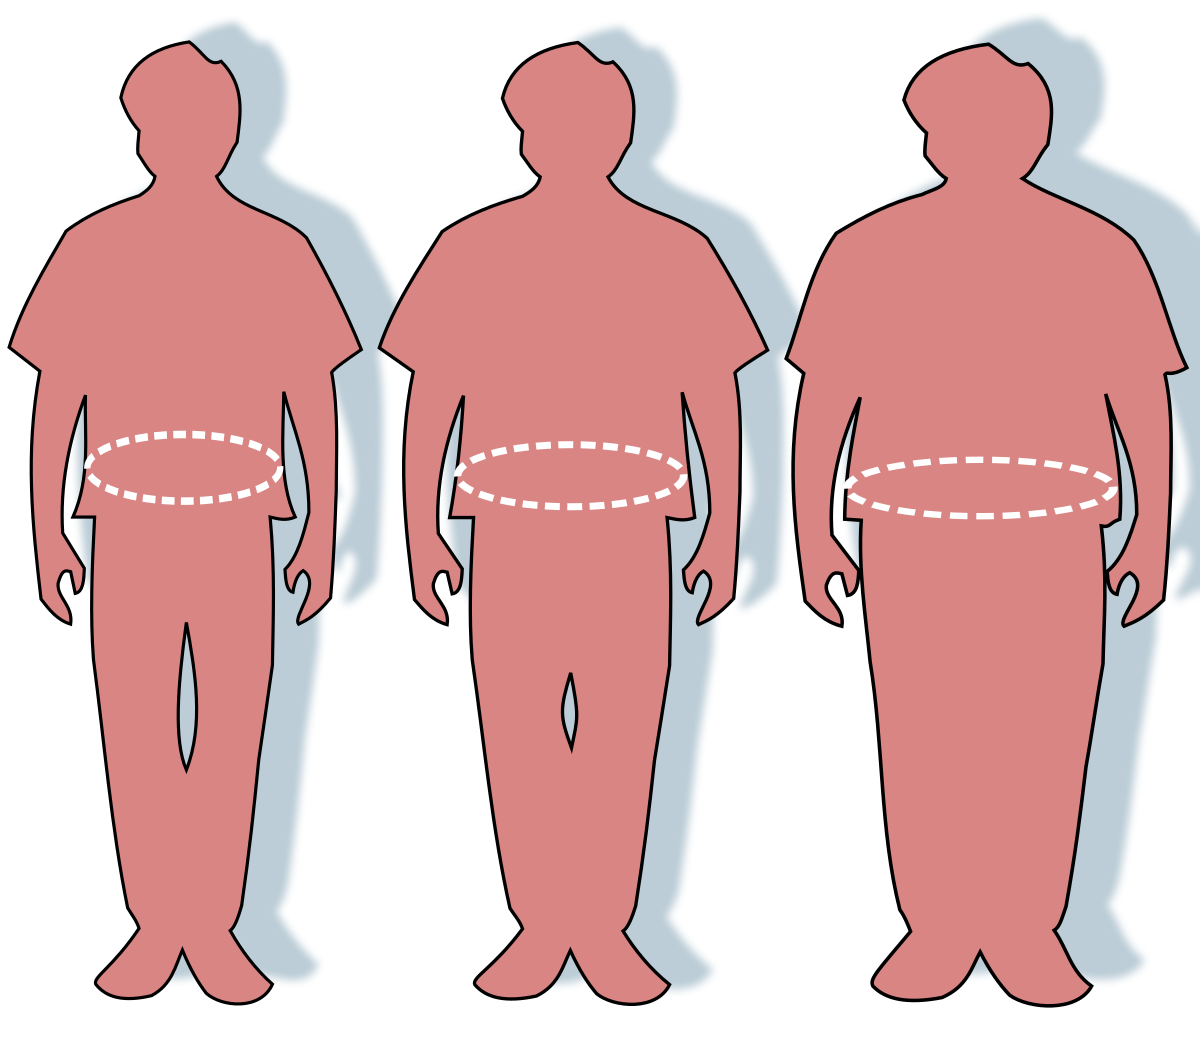 allen street pierde în greutate pierdere în greutate xm3